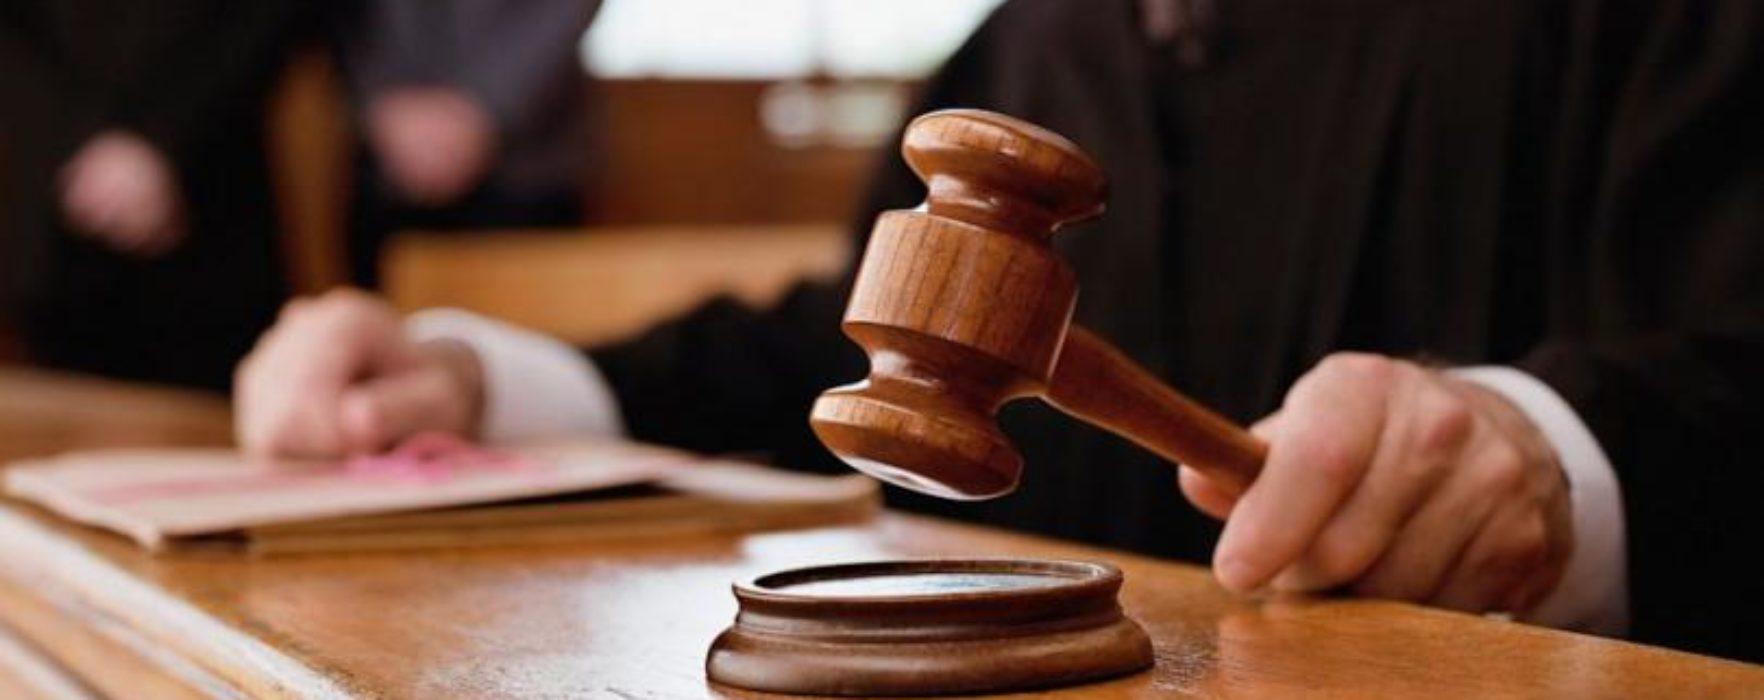 Dâmboviţa: Nouă inculpaţi, între care doi agenţi de poliţie, condamnaţi definitiv pentru luare de mită